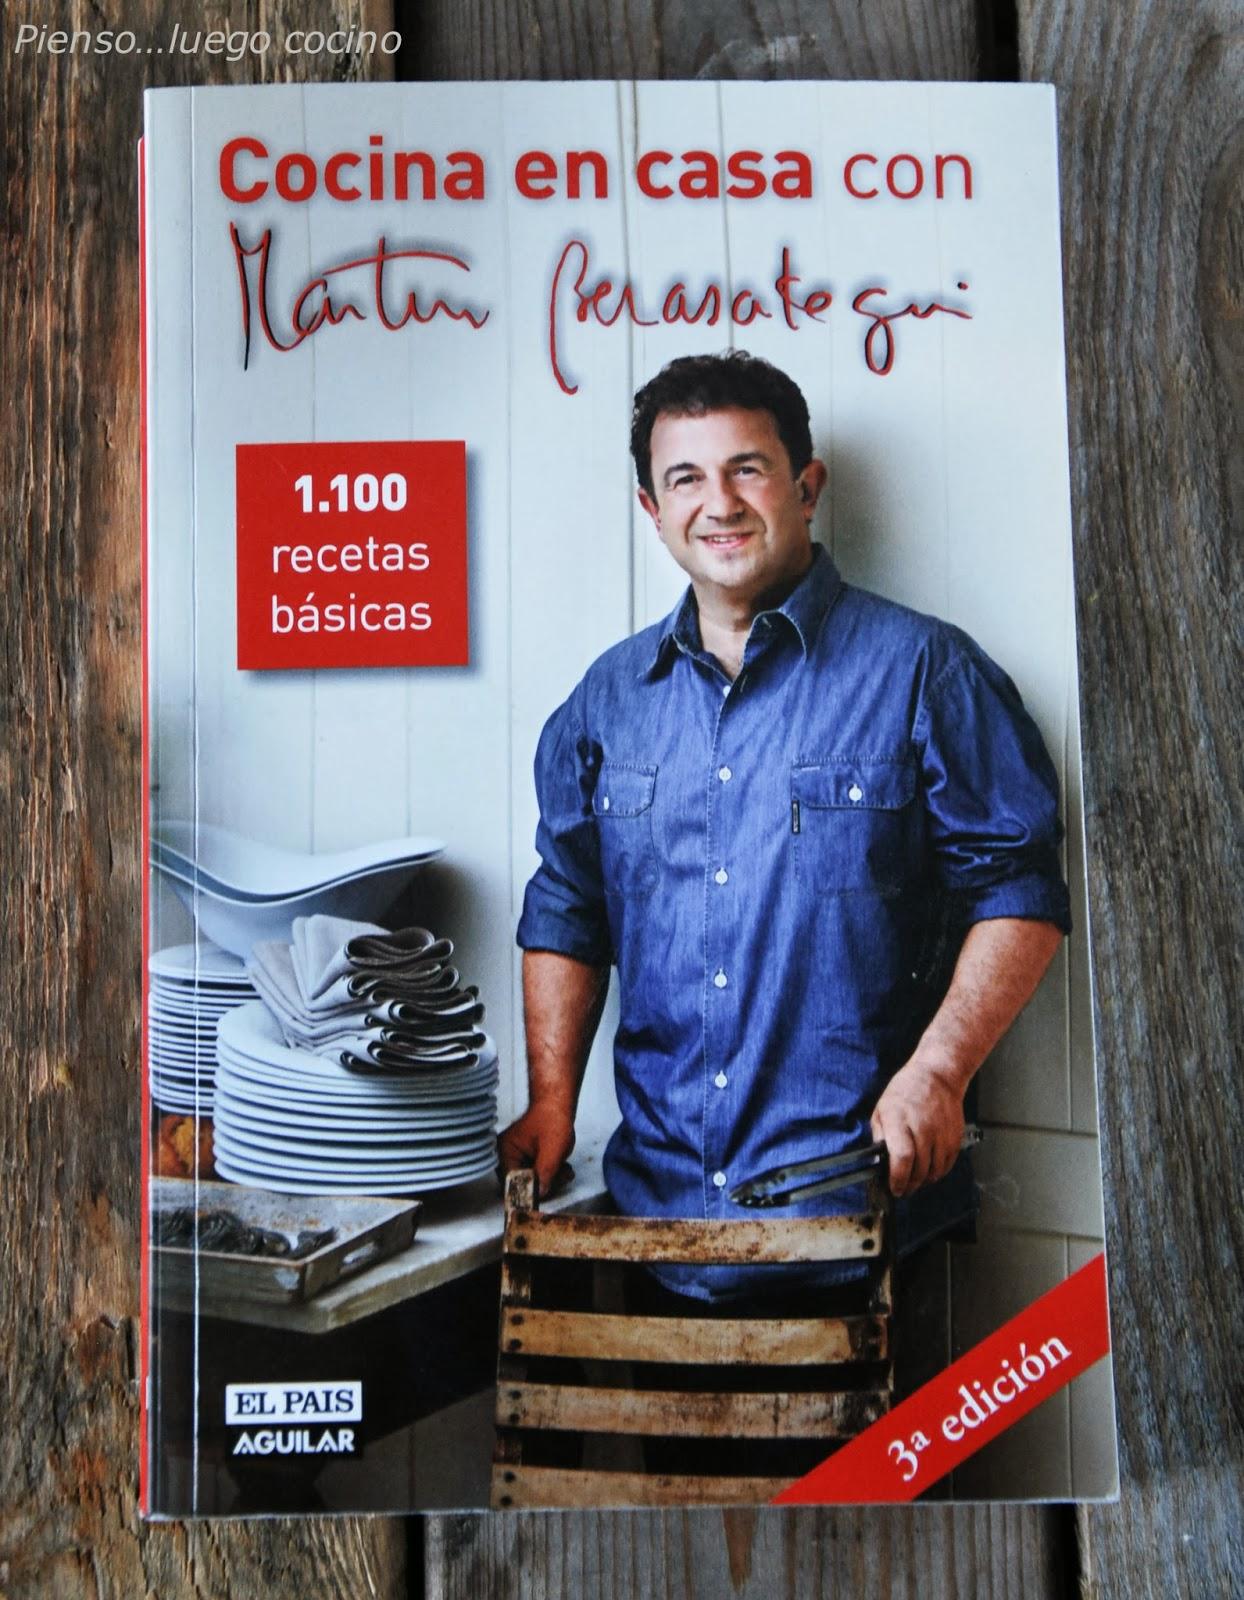 Pienso...luego cocino: Cocina en casa con Martín Berasategui